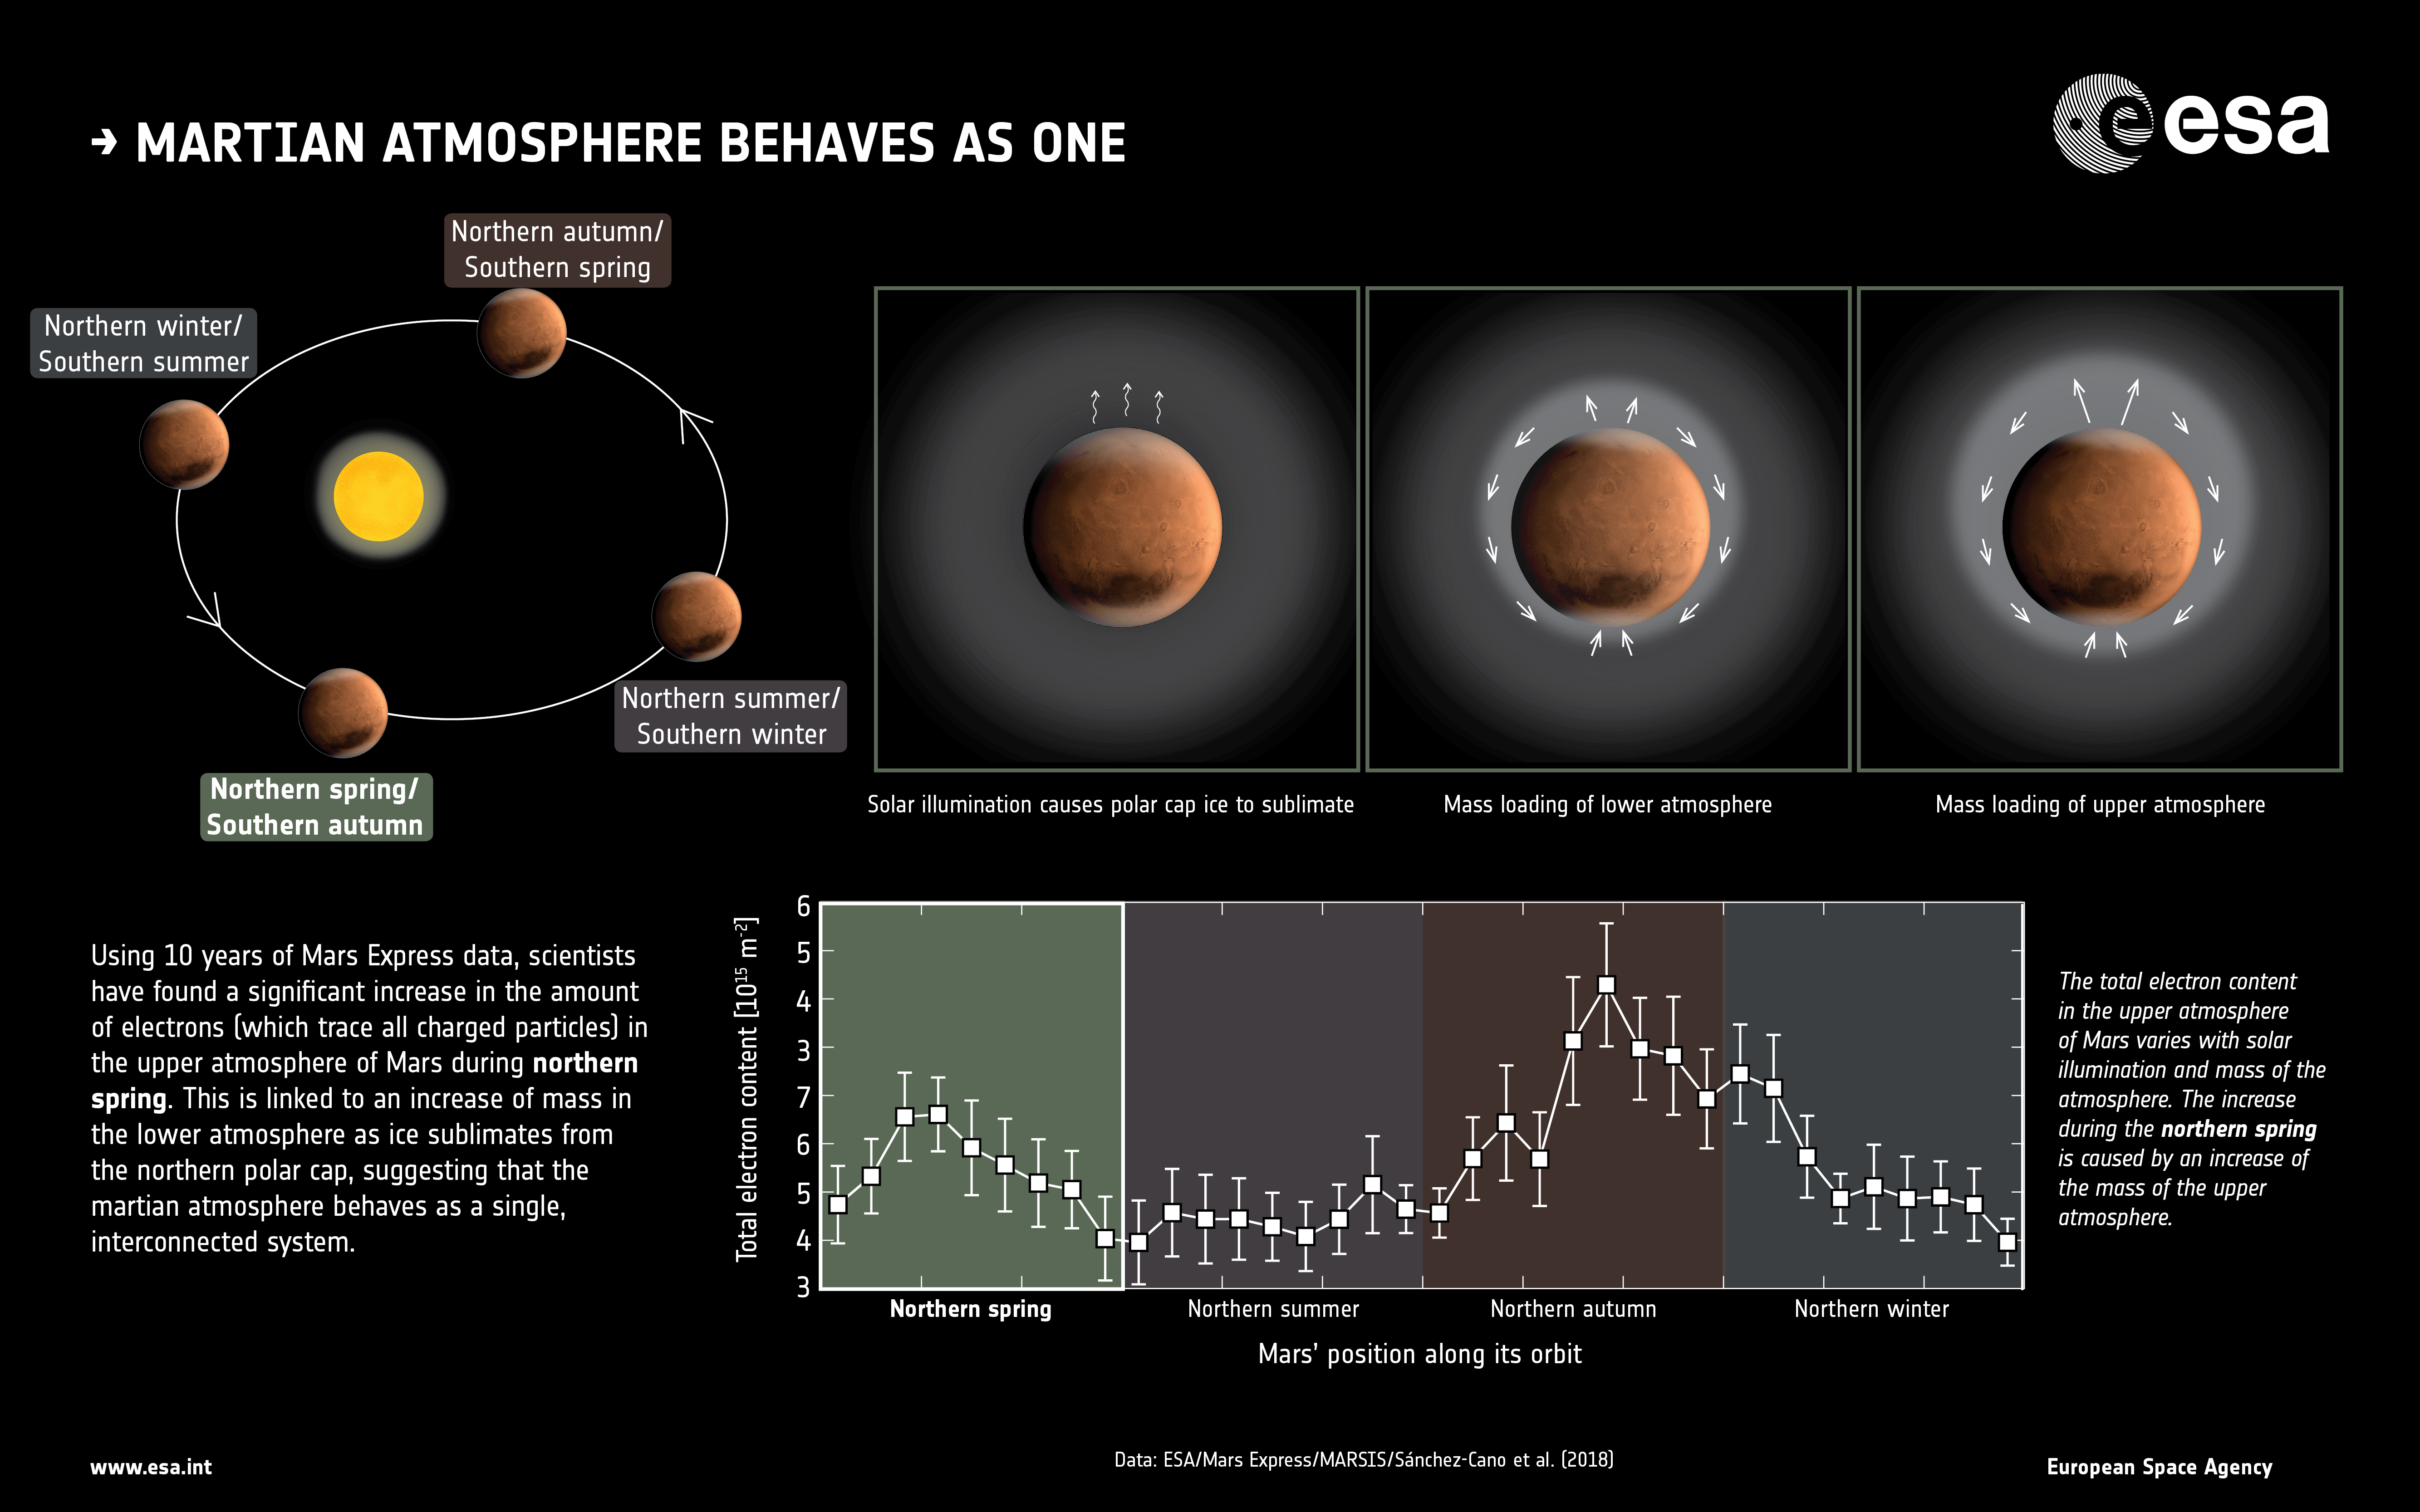 1567213908343-ESA_MarsExpress_Martian-atmosphere-behaves-as-one_HR.jpg